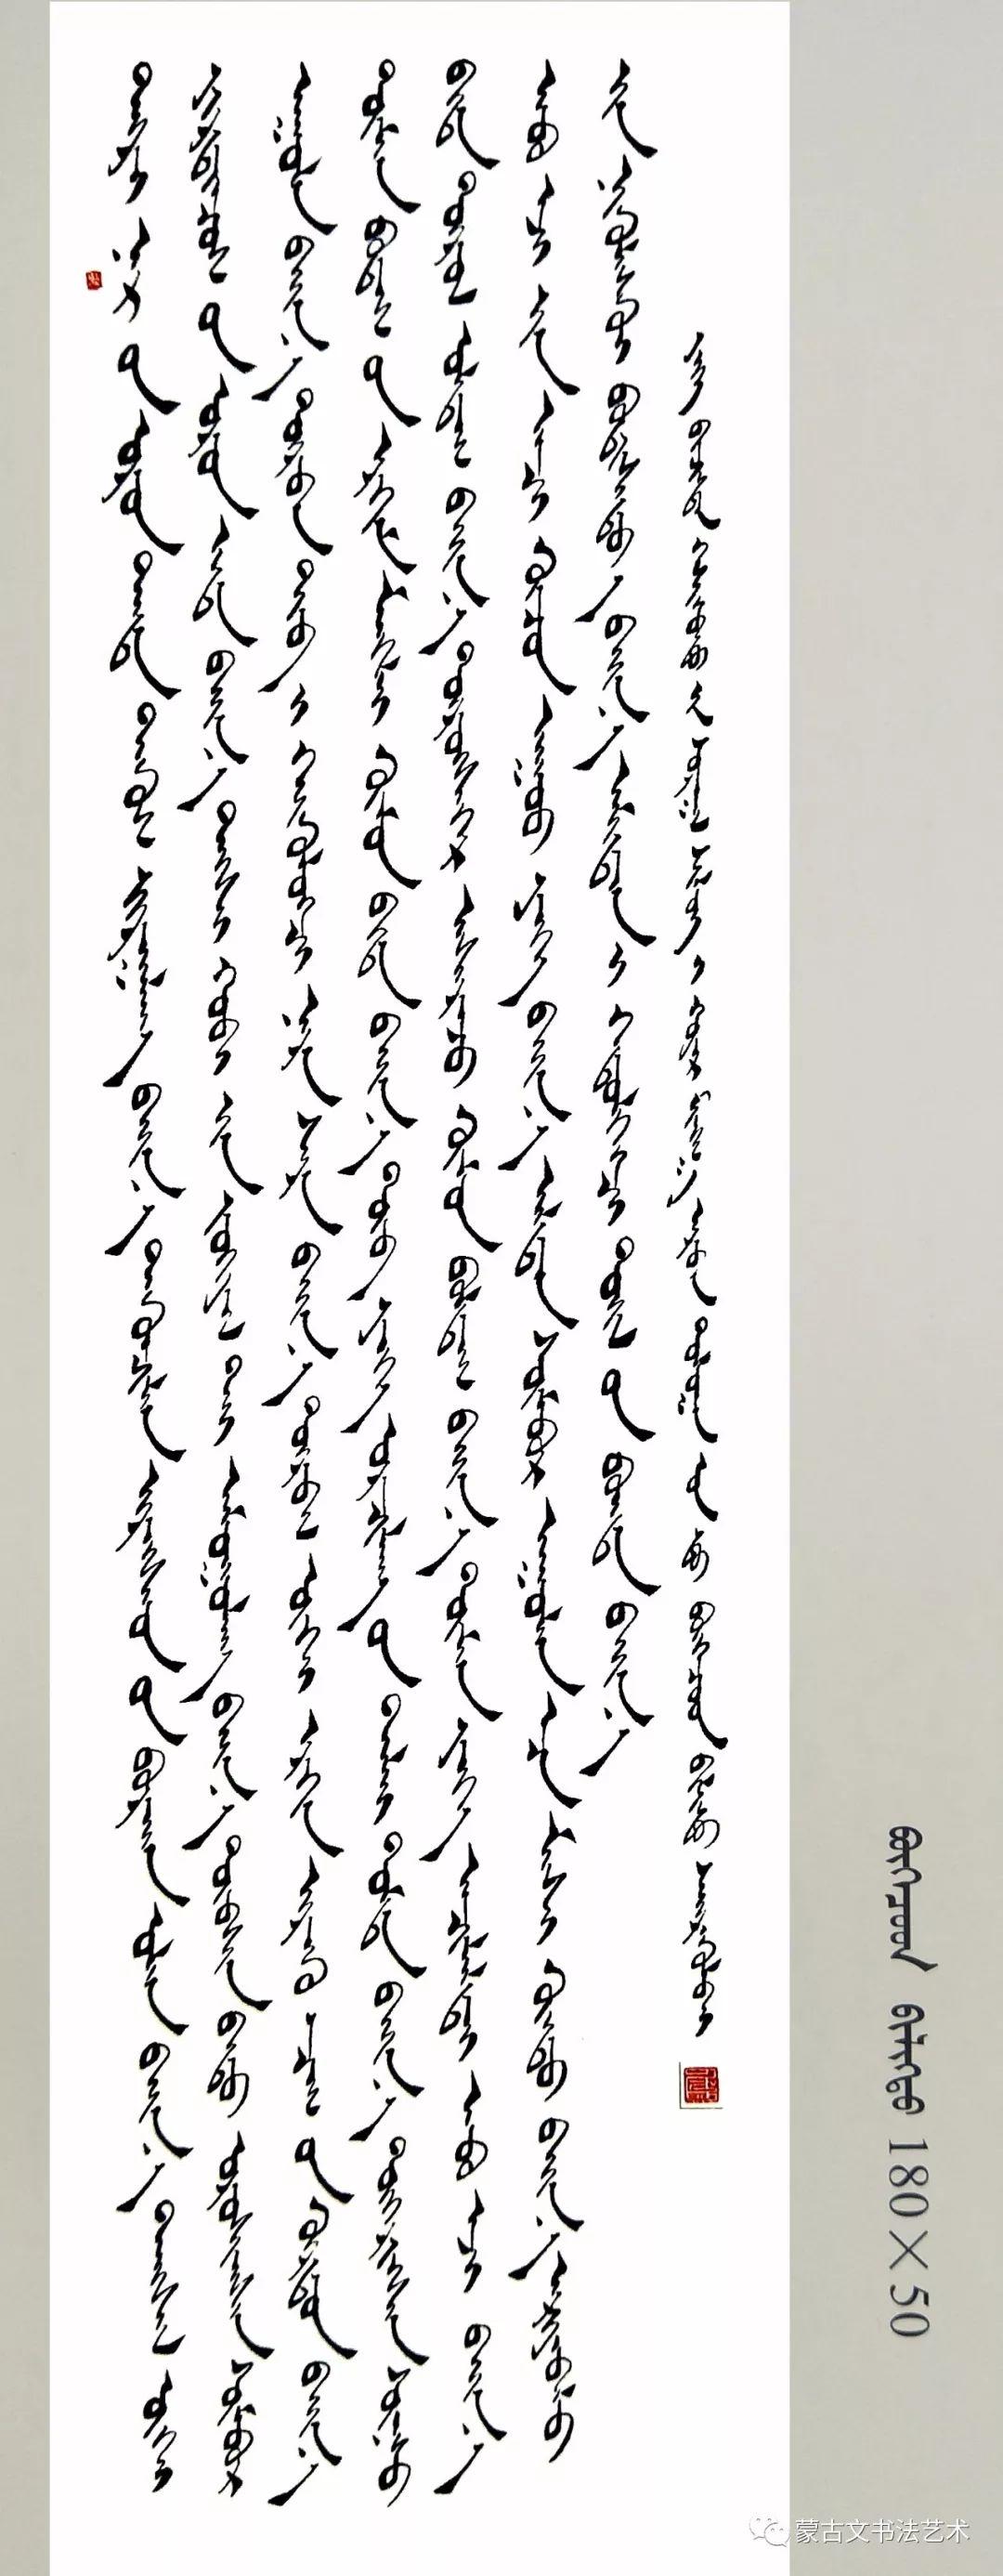 贺希格巴图蒙古文书法大赛作品(一) 第2张